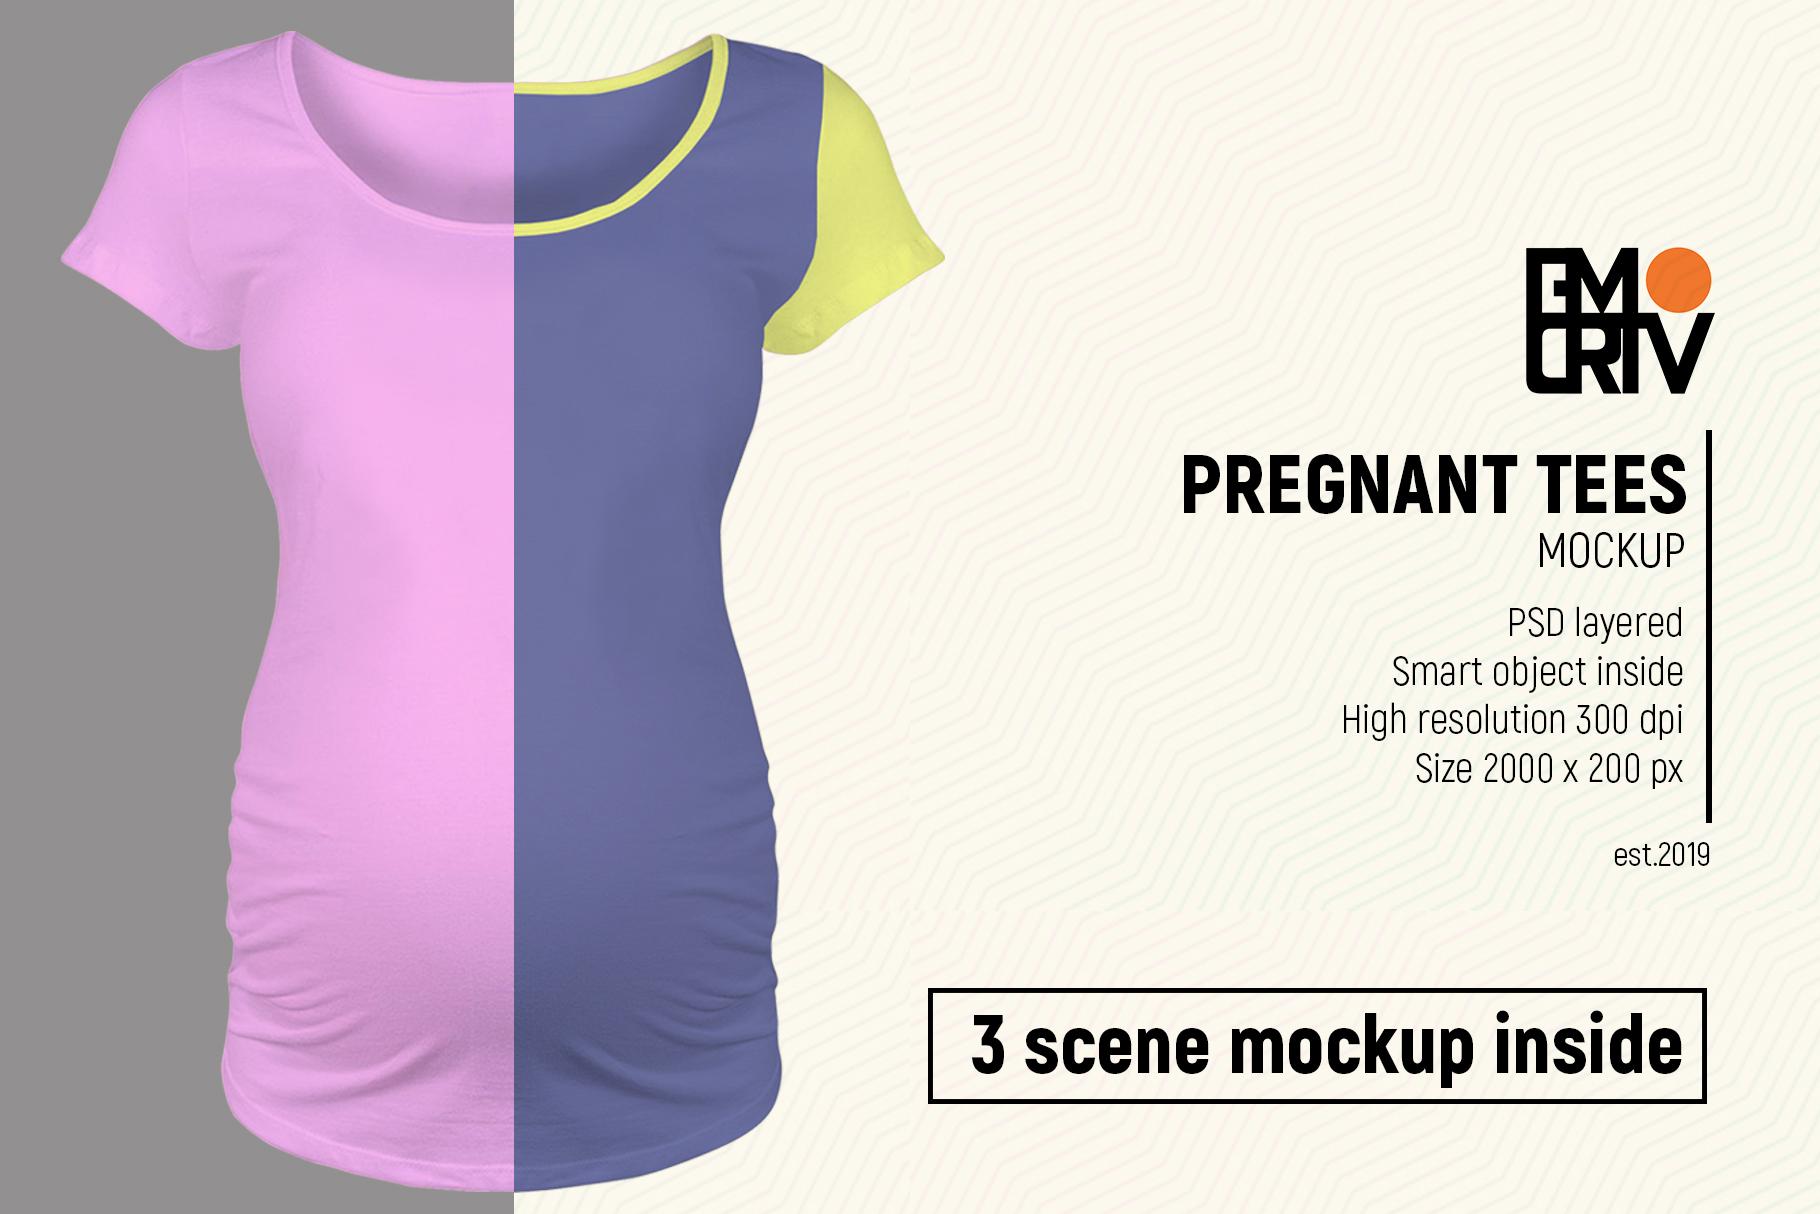 Pregnant Tees Mockup